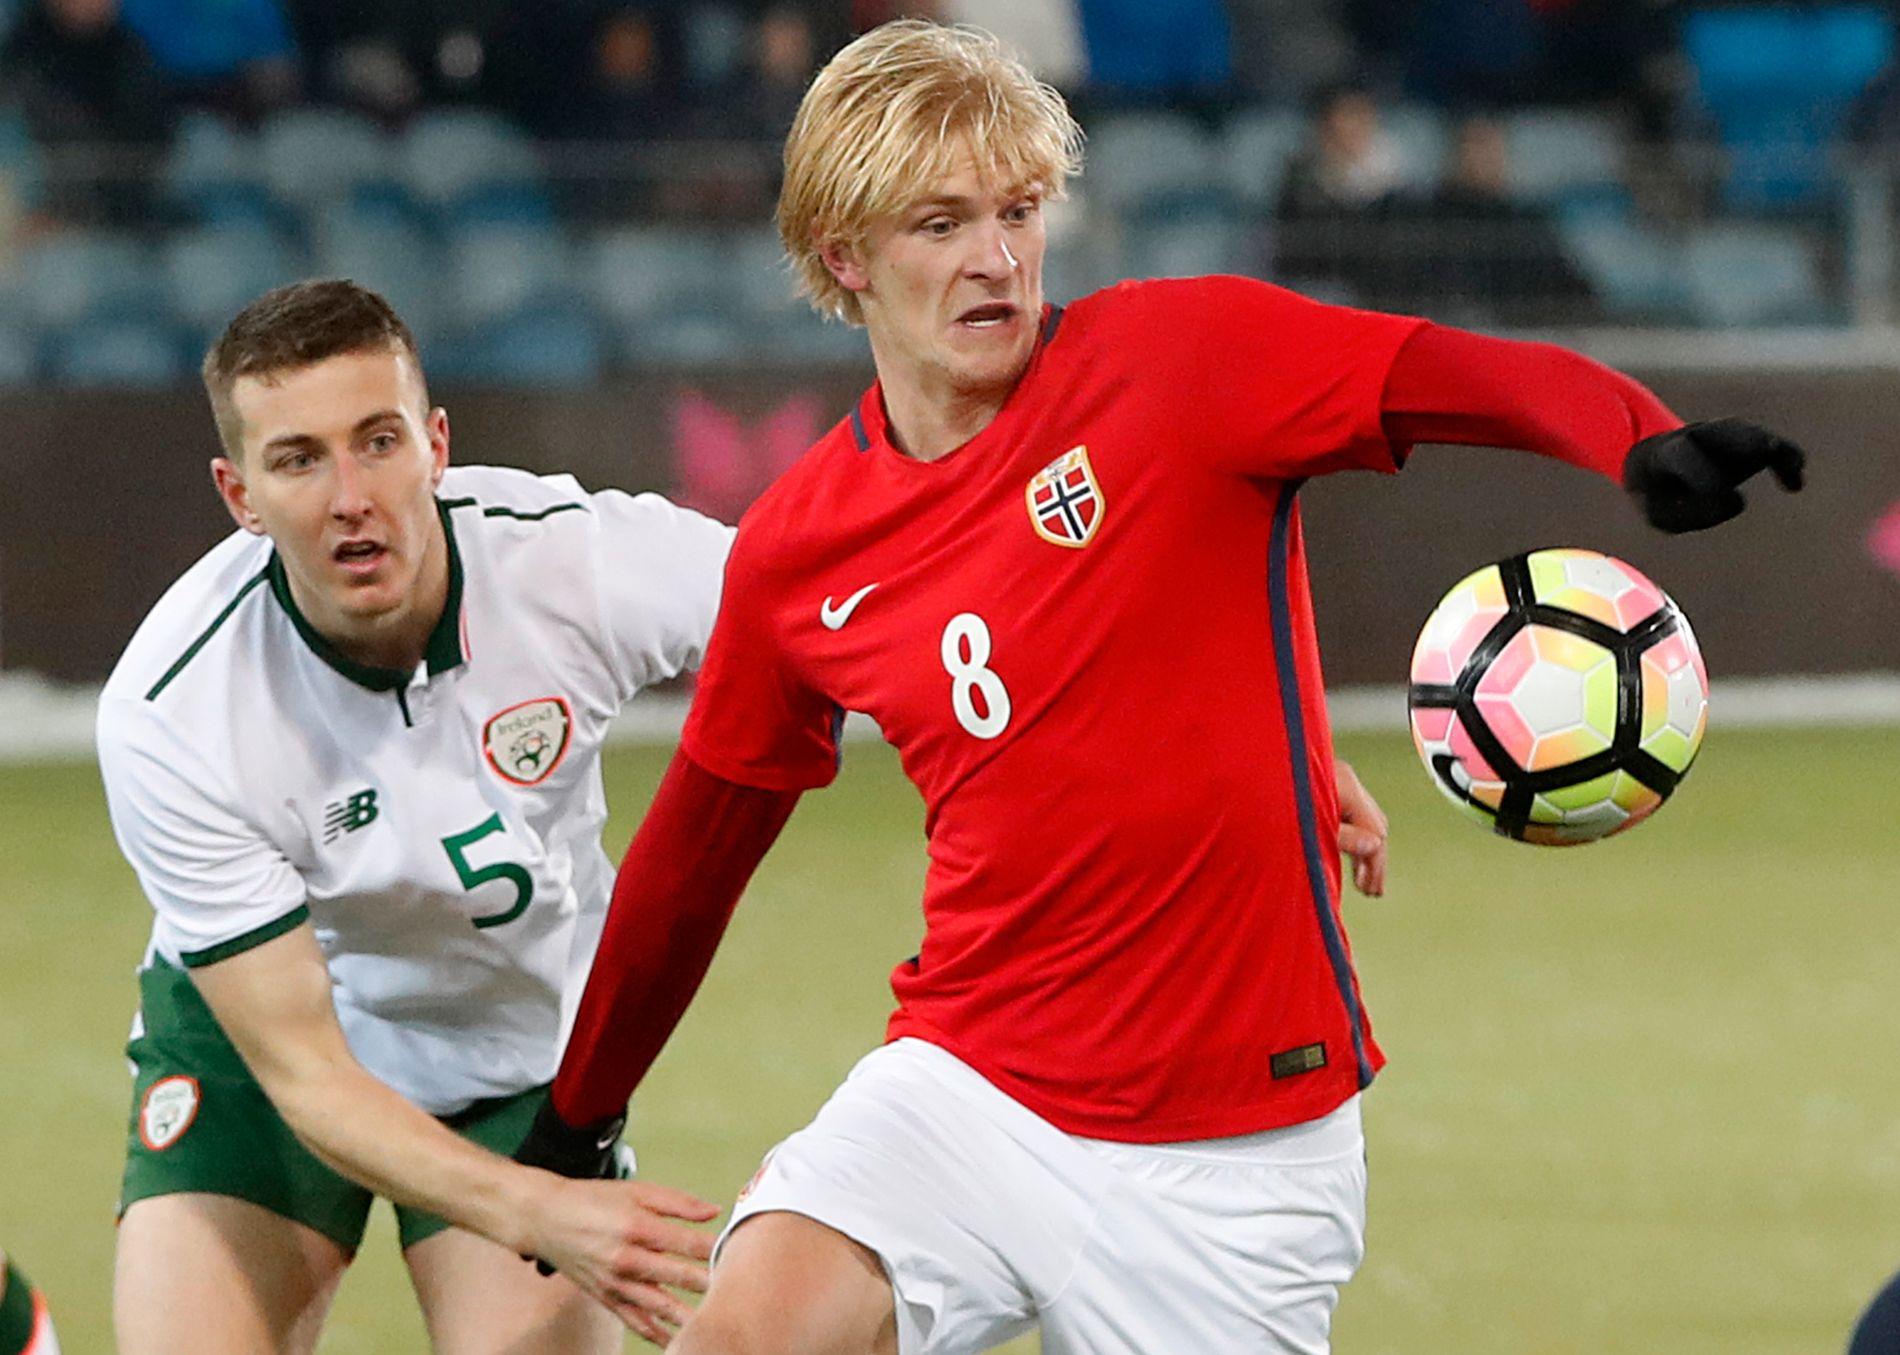 REAGERER: Morten Thorsby, her i aksjon for Norges U21-landslag mot Irland i november, ble tatt på sengen av synet mange har på homofile i internasjonal fotball.